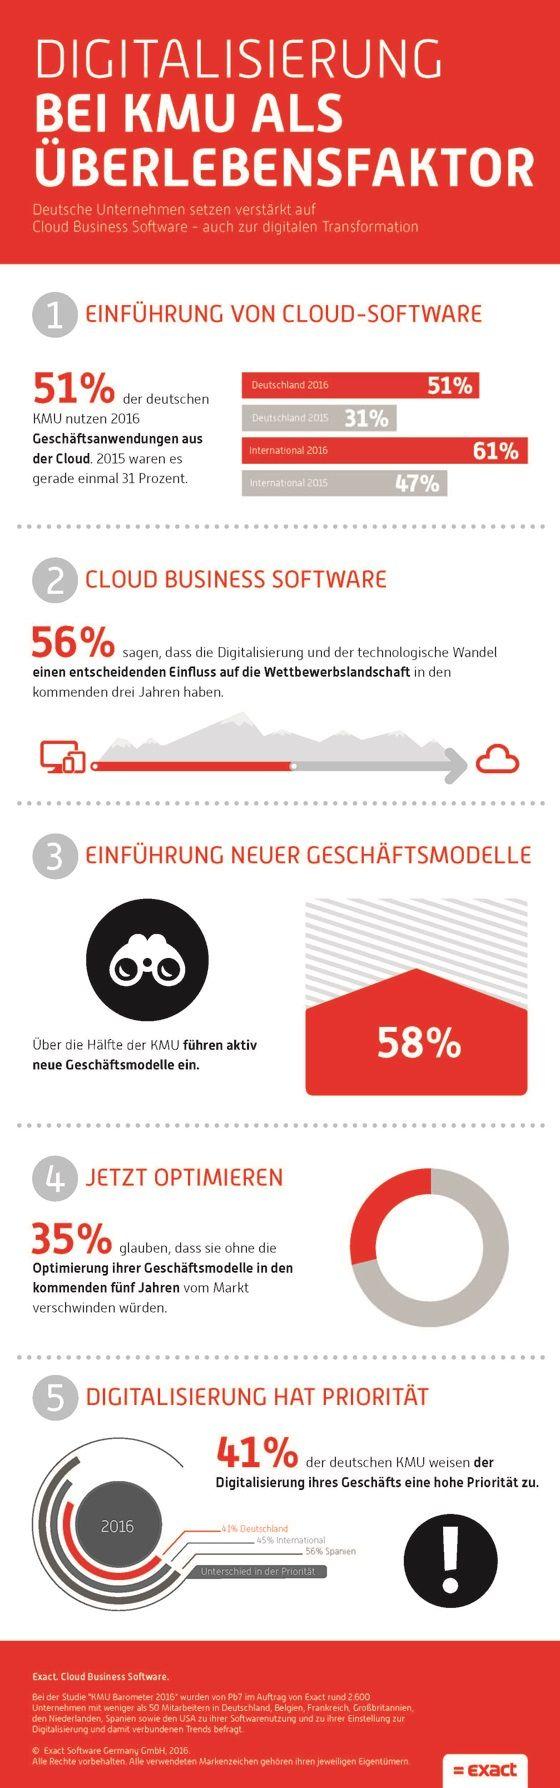 Deutscher Mittelstand holt bei Cloud-Nutzung auf – aber 10 Prozentpunkte unter Durchschnitt